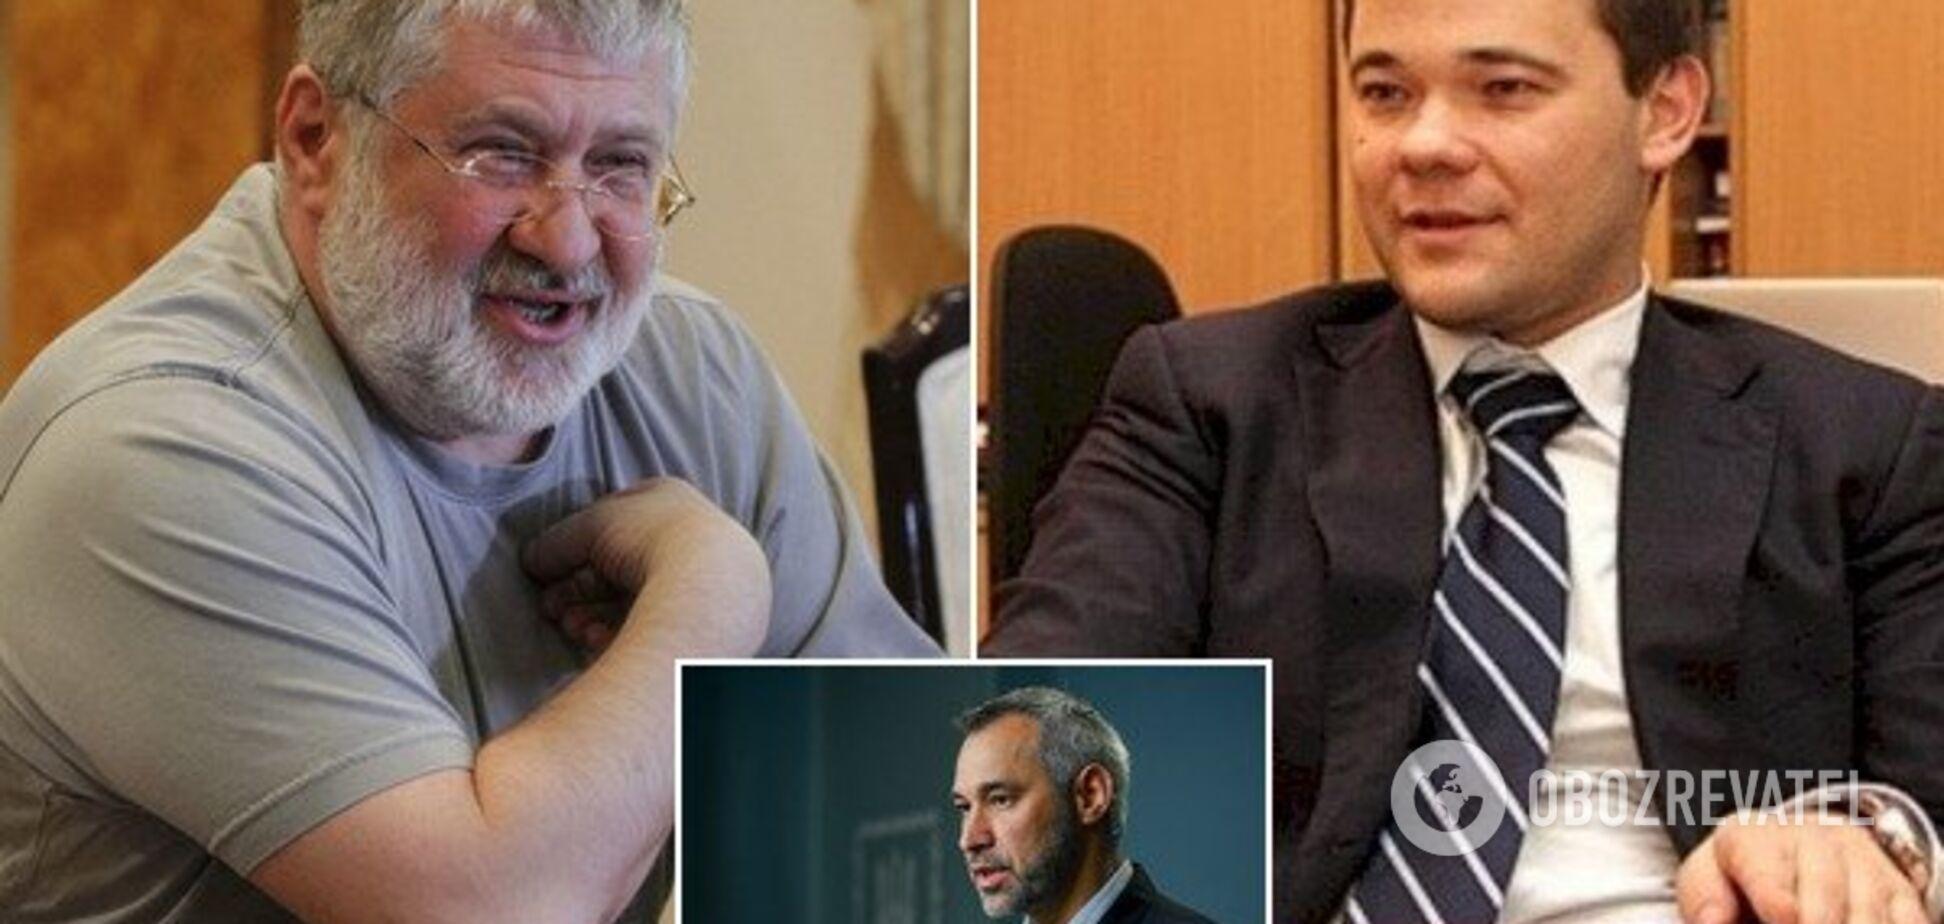 Богдана обвинили в госизмене и растрате 3 млрд гривен: все подробности